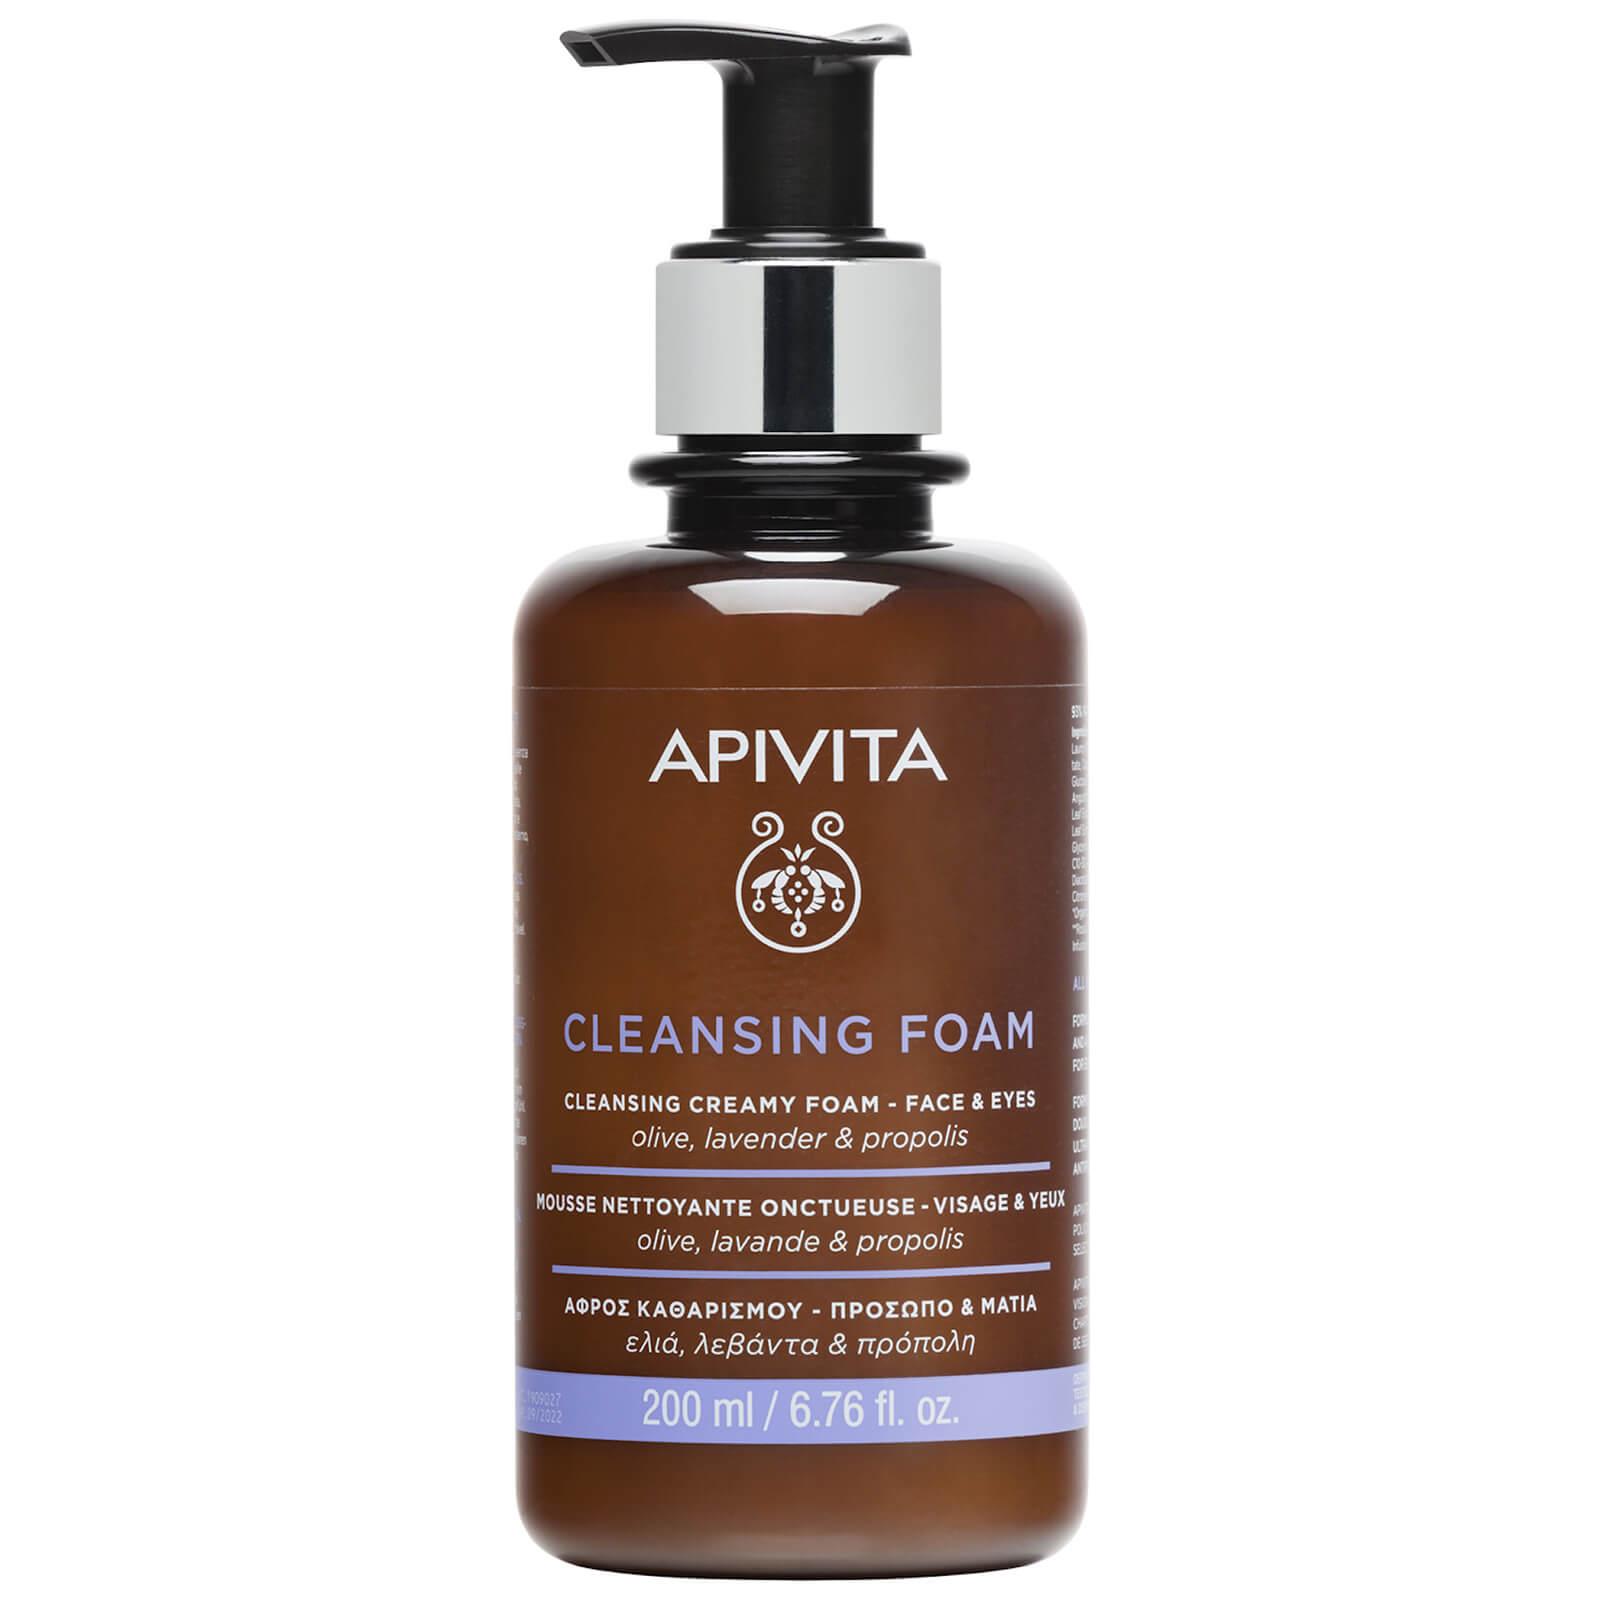 Купить Очищающая пенка для лица и век APIVITA Foam Cleanser Face & Eye 200 мл